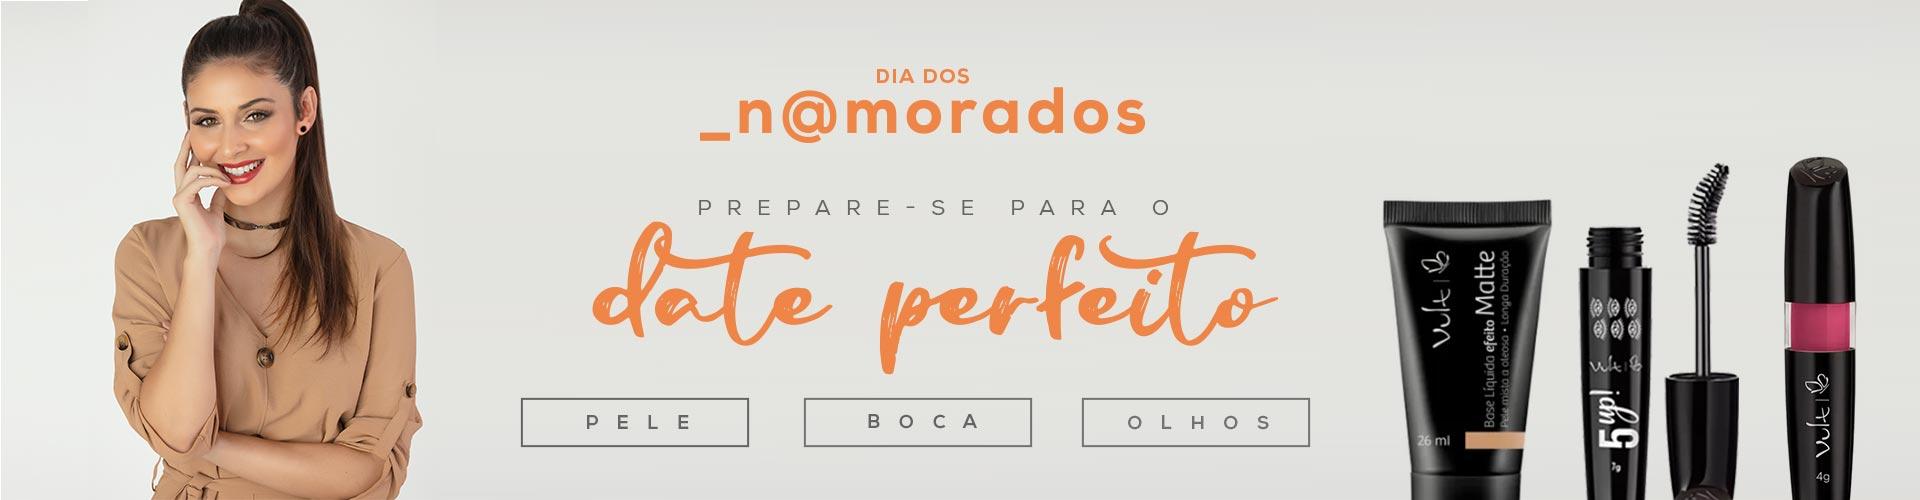 2bf5d0aff Loja de Roupas: Moda Feminina, Masculina e Infantil - Lojas Pompéia